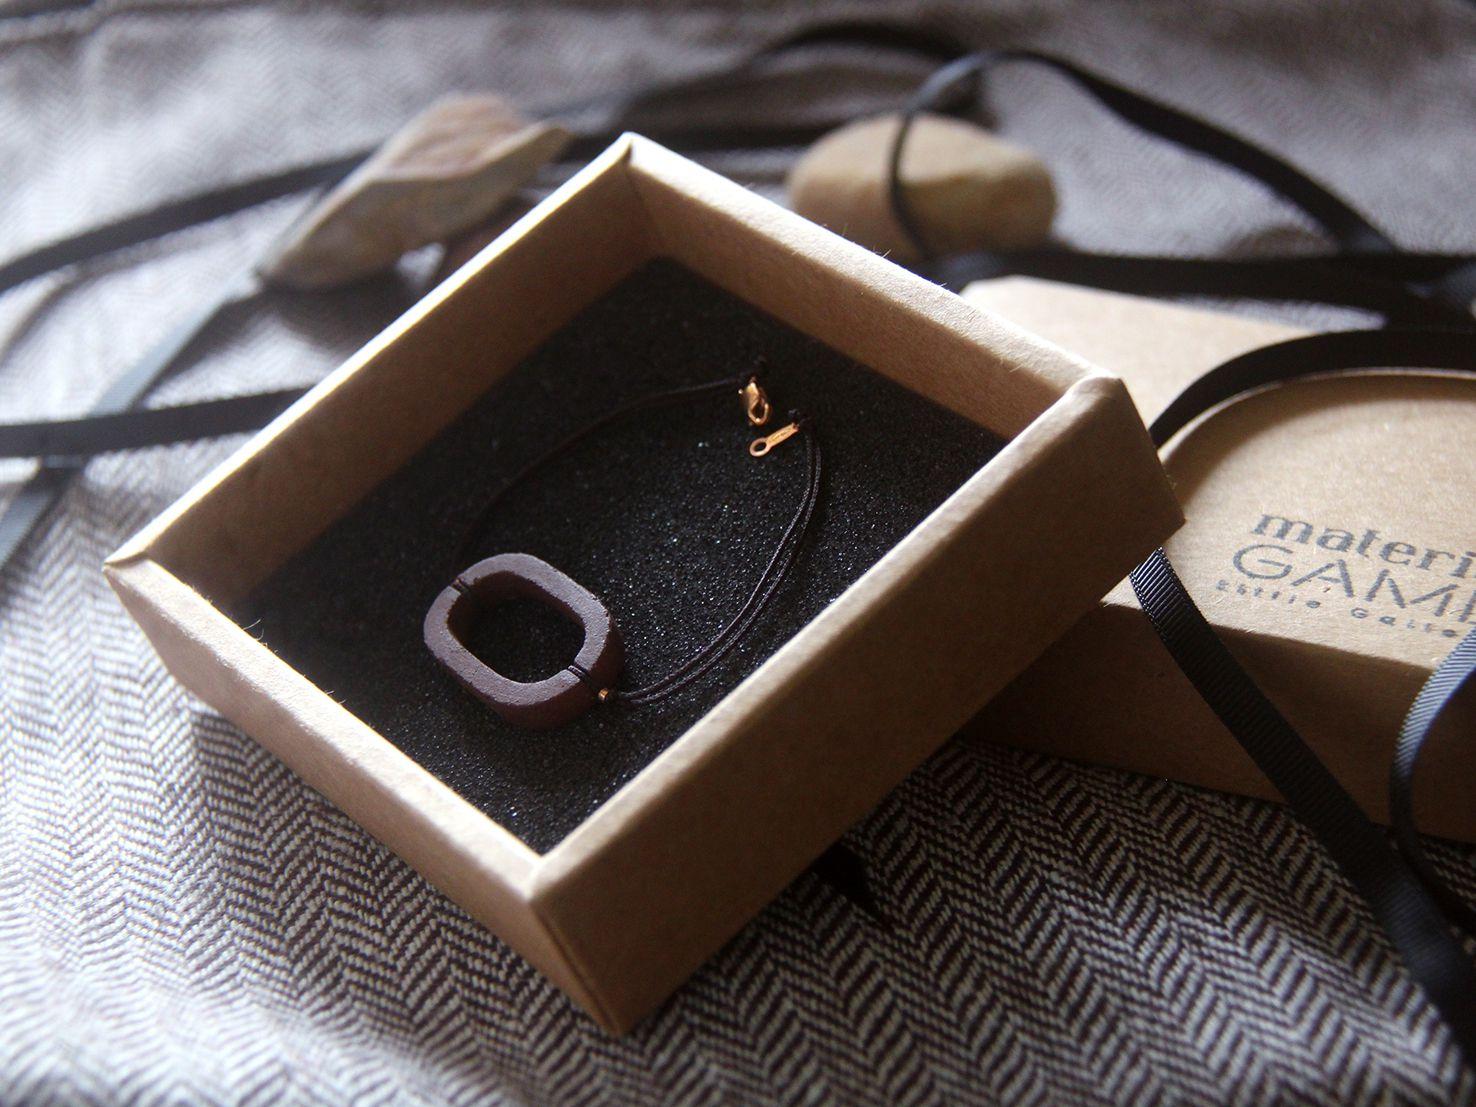 materialgame uniquegifts paracord necklace unisex minimalist